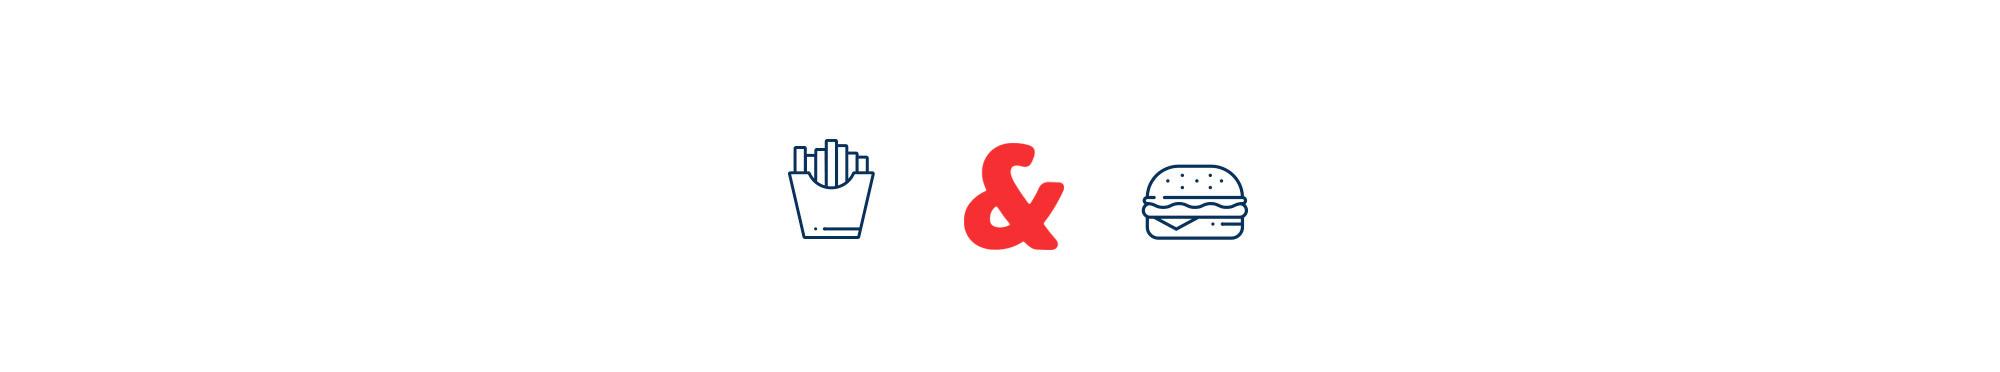 Diseño de iconos para la marca y para emplear en el local